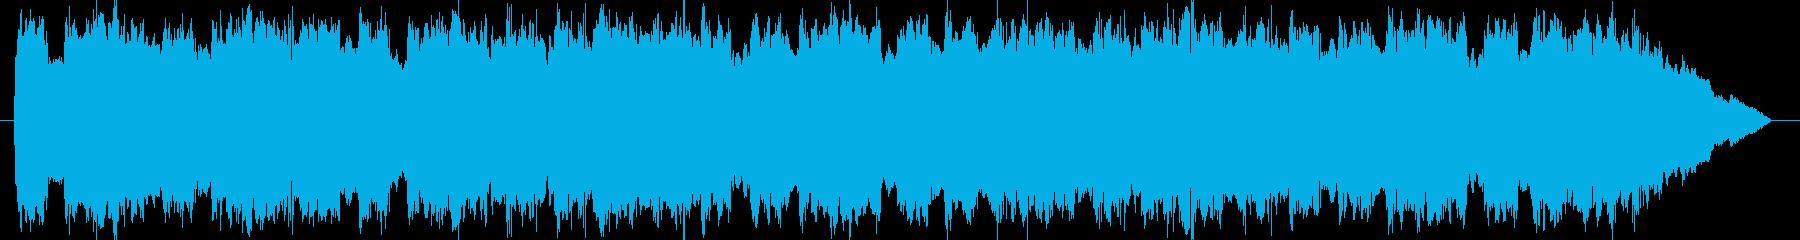 緊急自動車サイレン音 タイプBの再生済みの波形